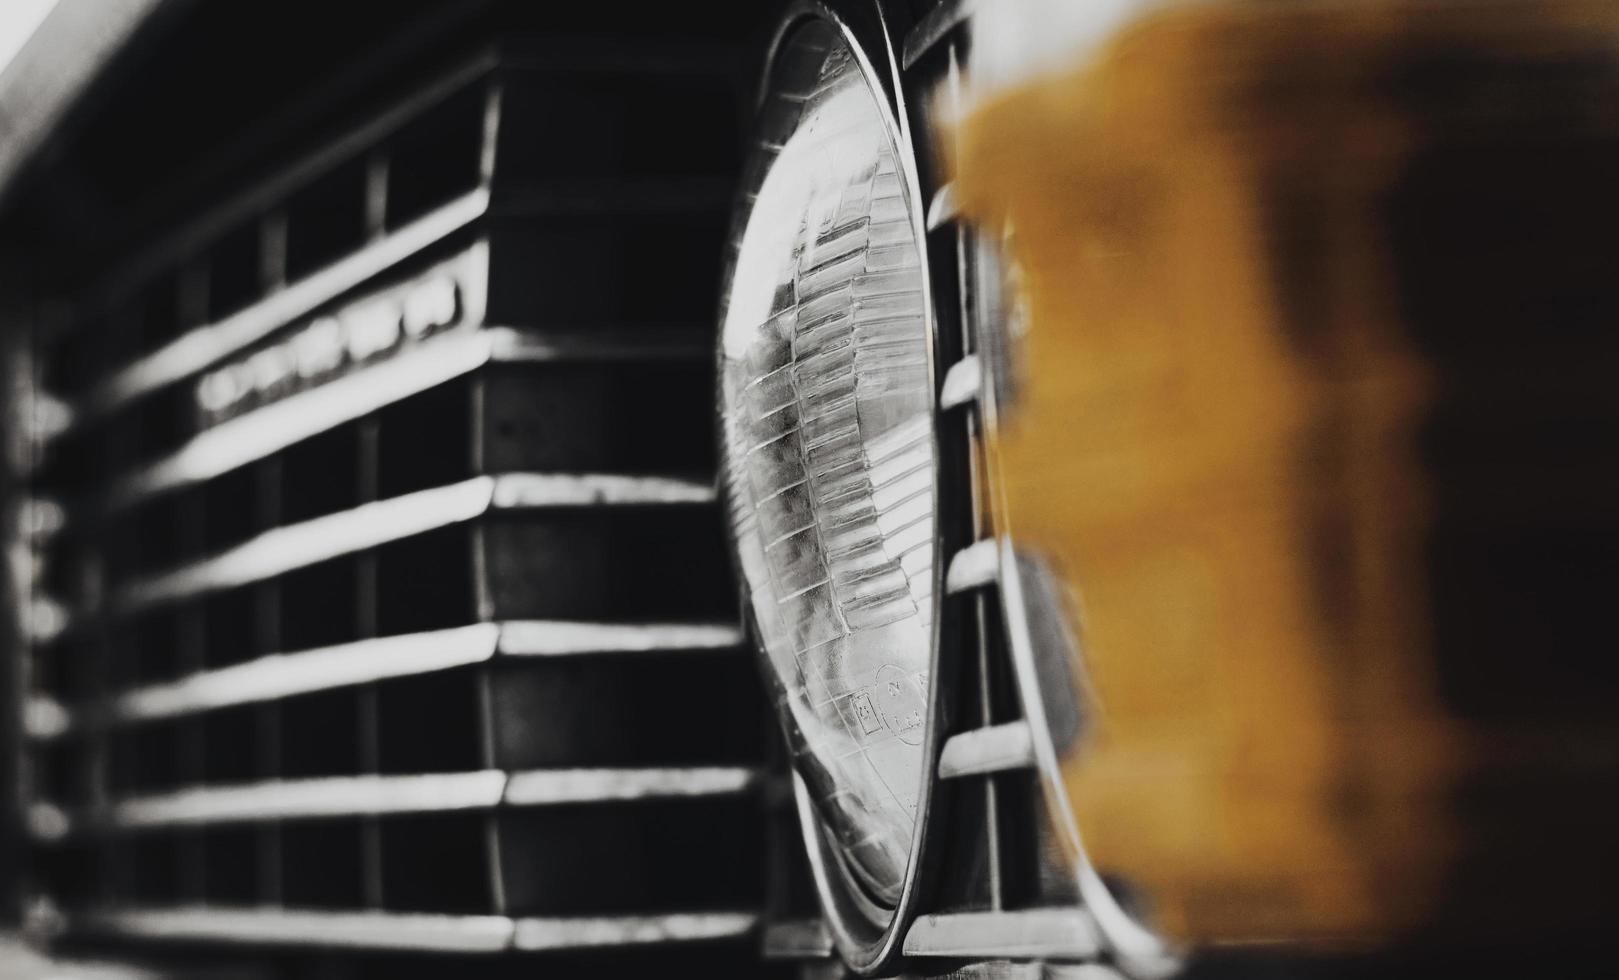 détails d'une voiture d'époque classique photo